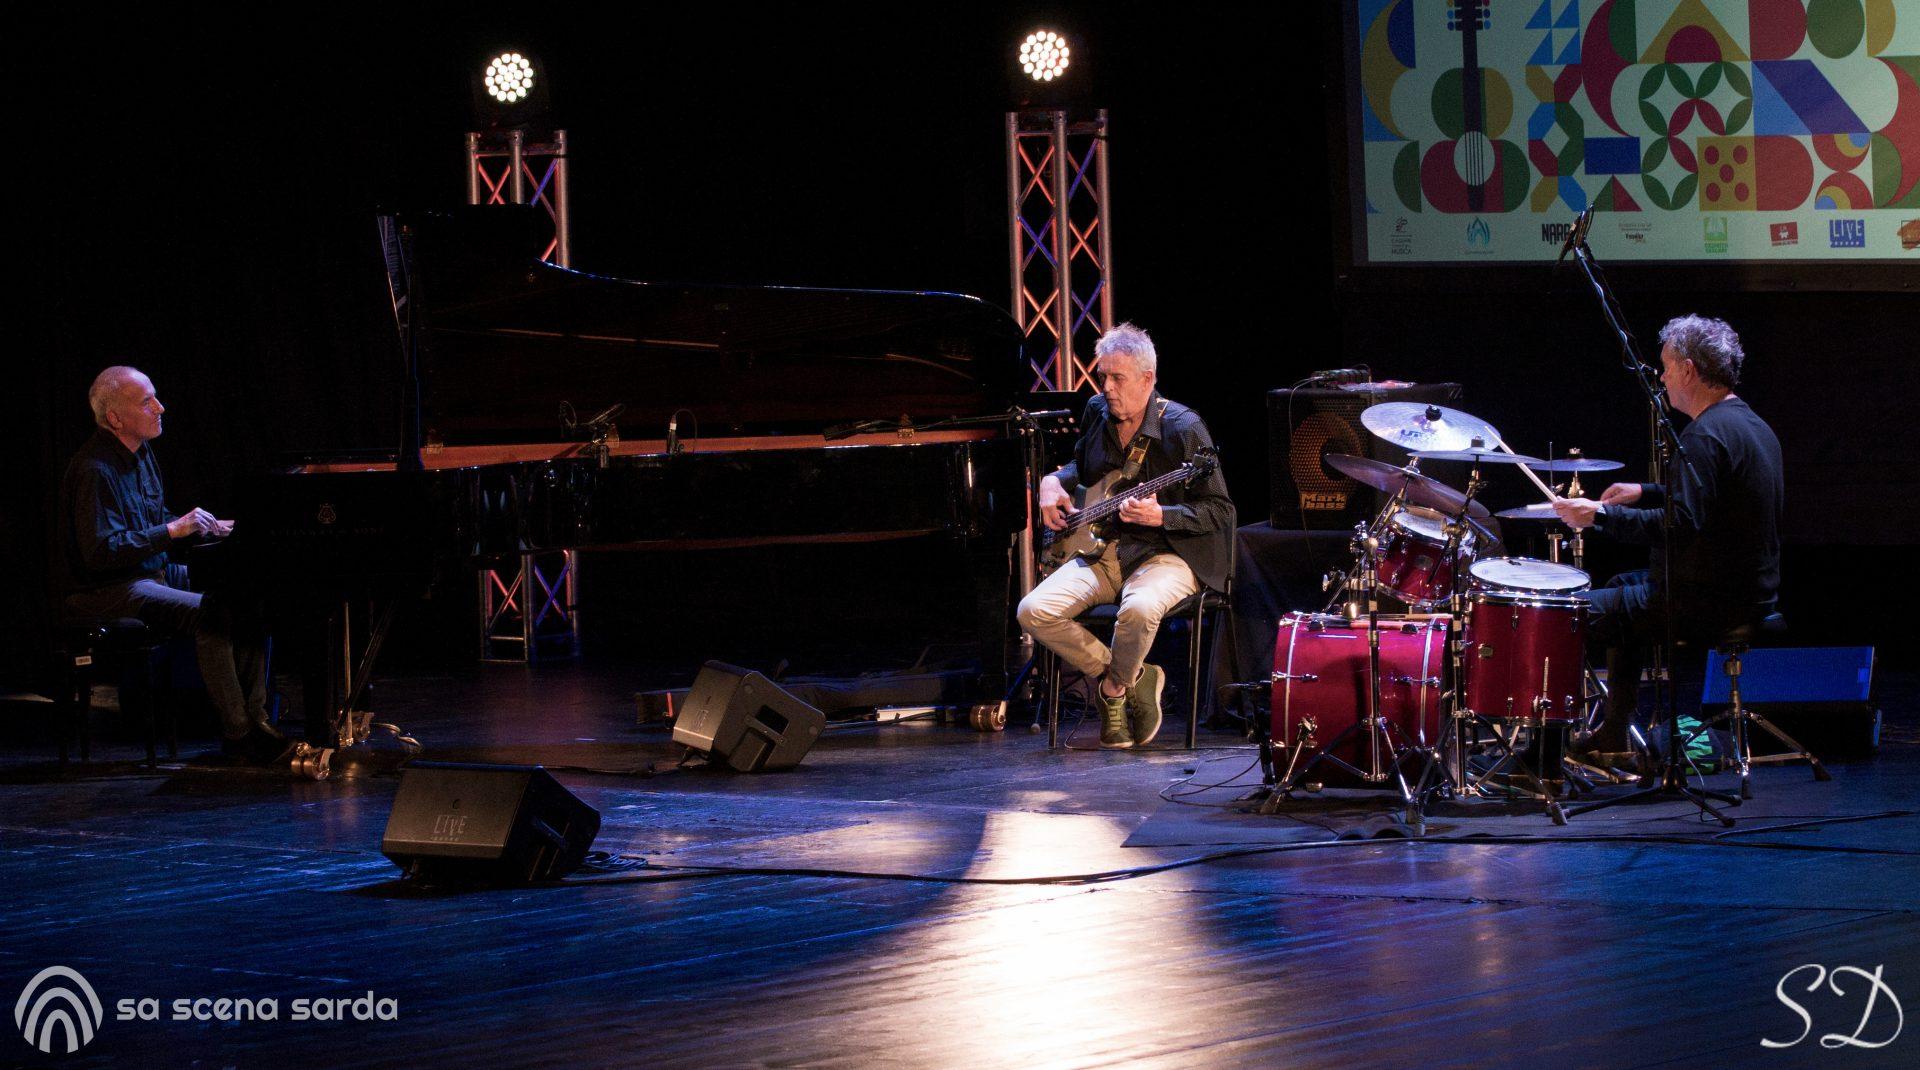 Forma e Poesia nel Jazz - Tre per Una - Omaggio a Mina - Stefania Desotgiu - Auditorium Conservatorio - festival - fotoreport - XXIII edizione - 2020 - Sa Scena Sarda - 25 Settembre 2020